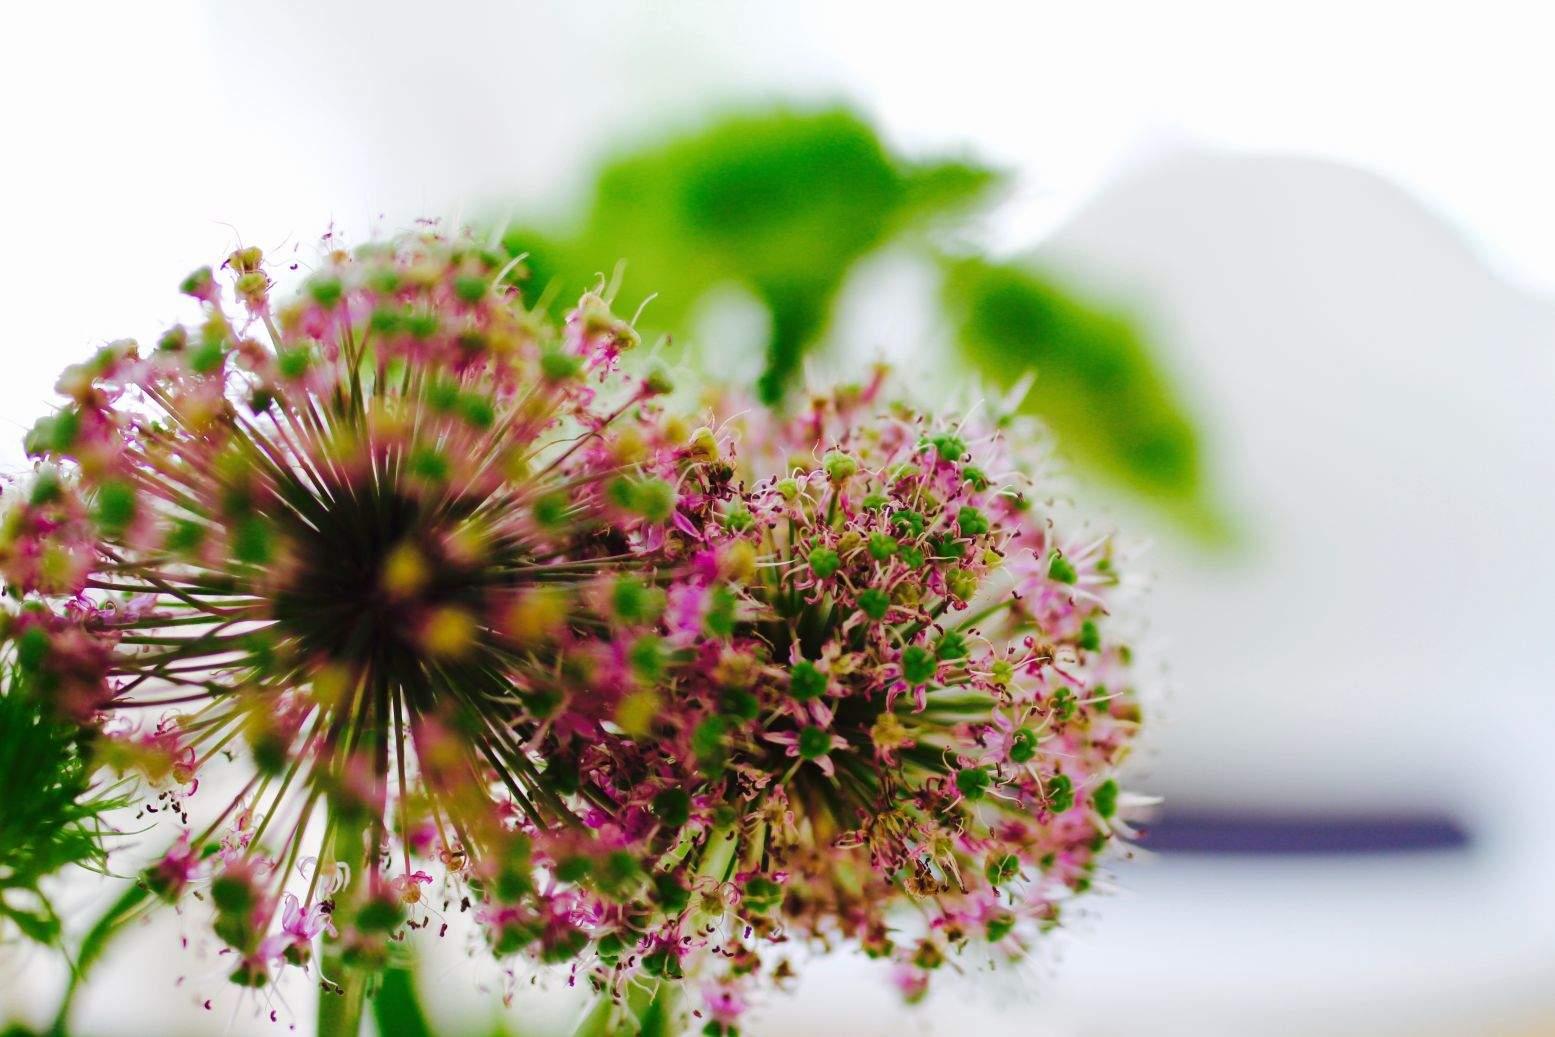 Eine grün-magenta farbene Blume vor weißen Hintergrund. Sie symbolisiert hier das Konzept der bioidentischen Hormontherapie.